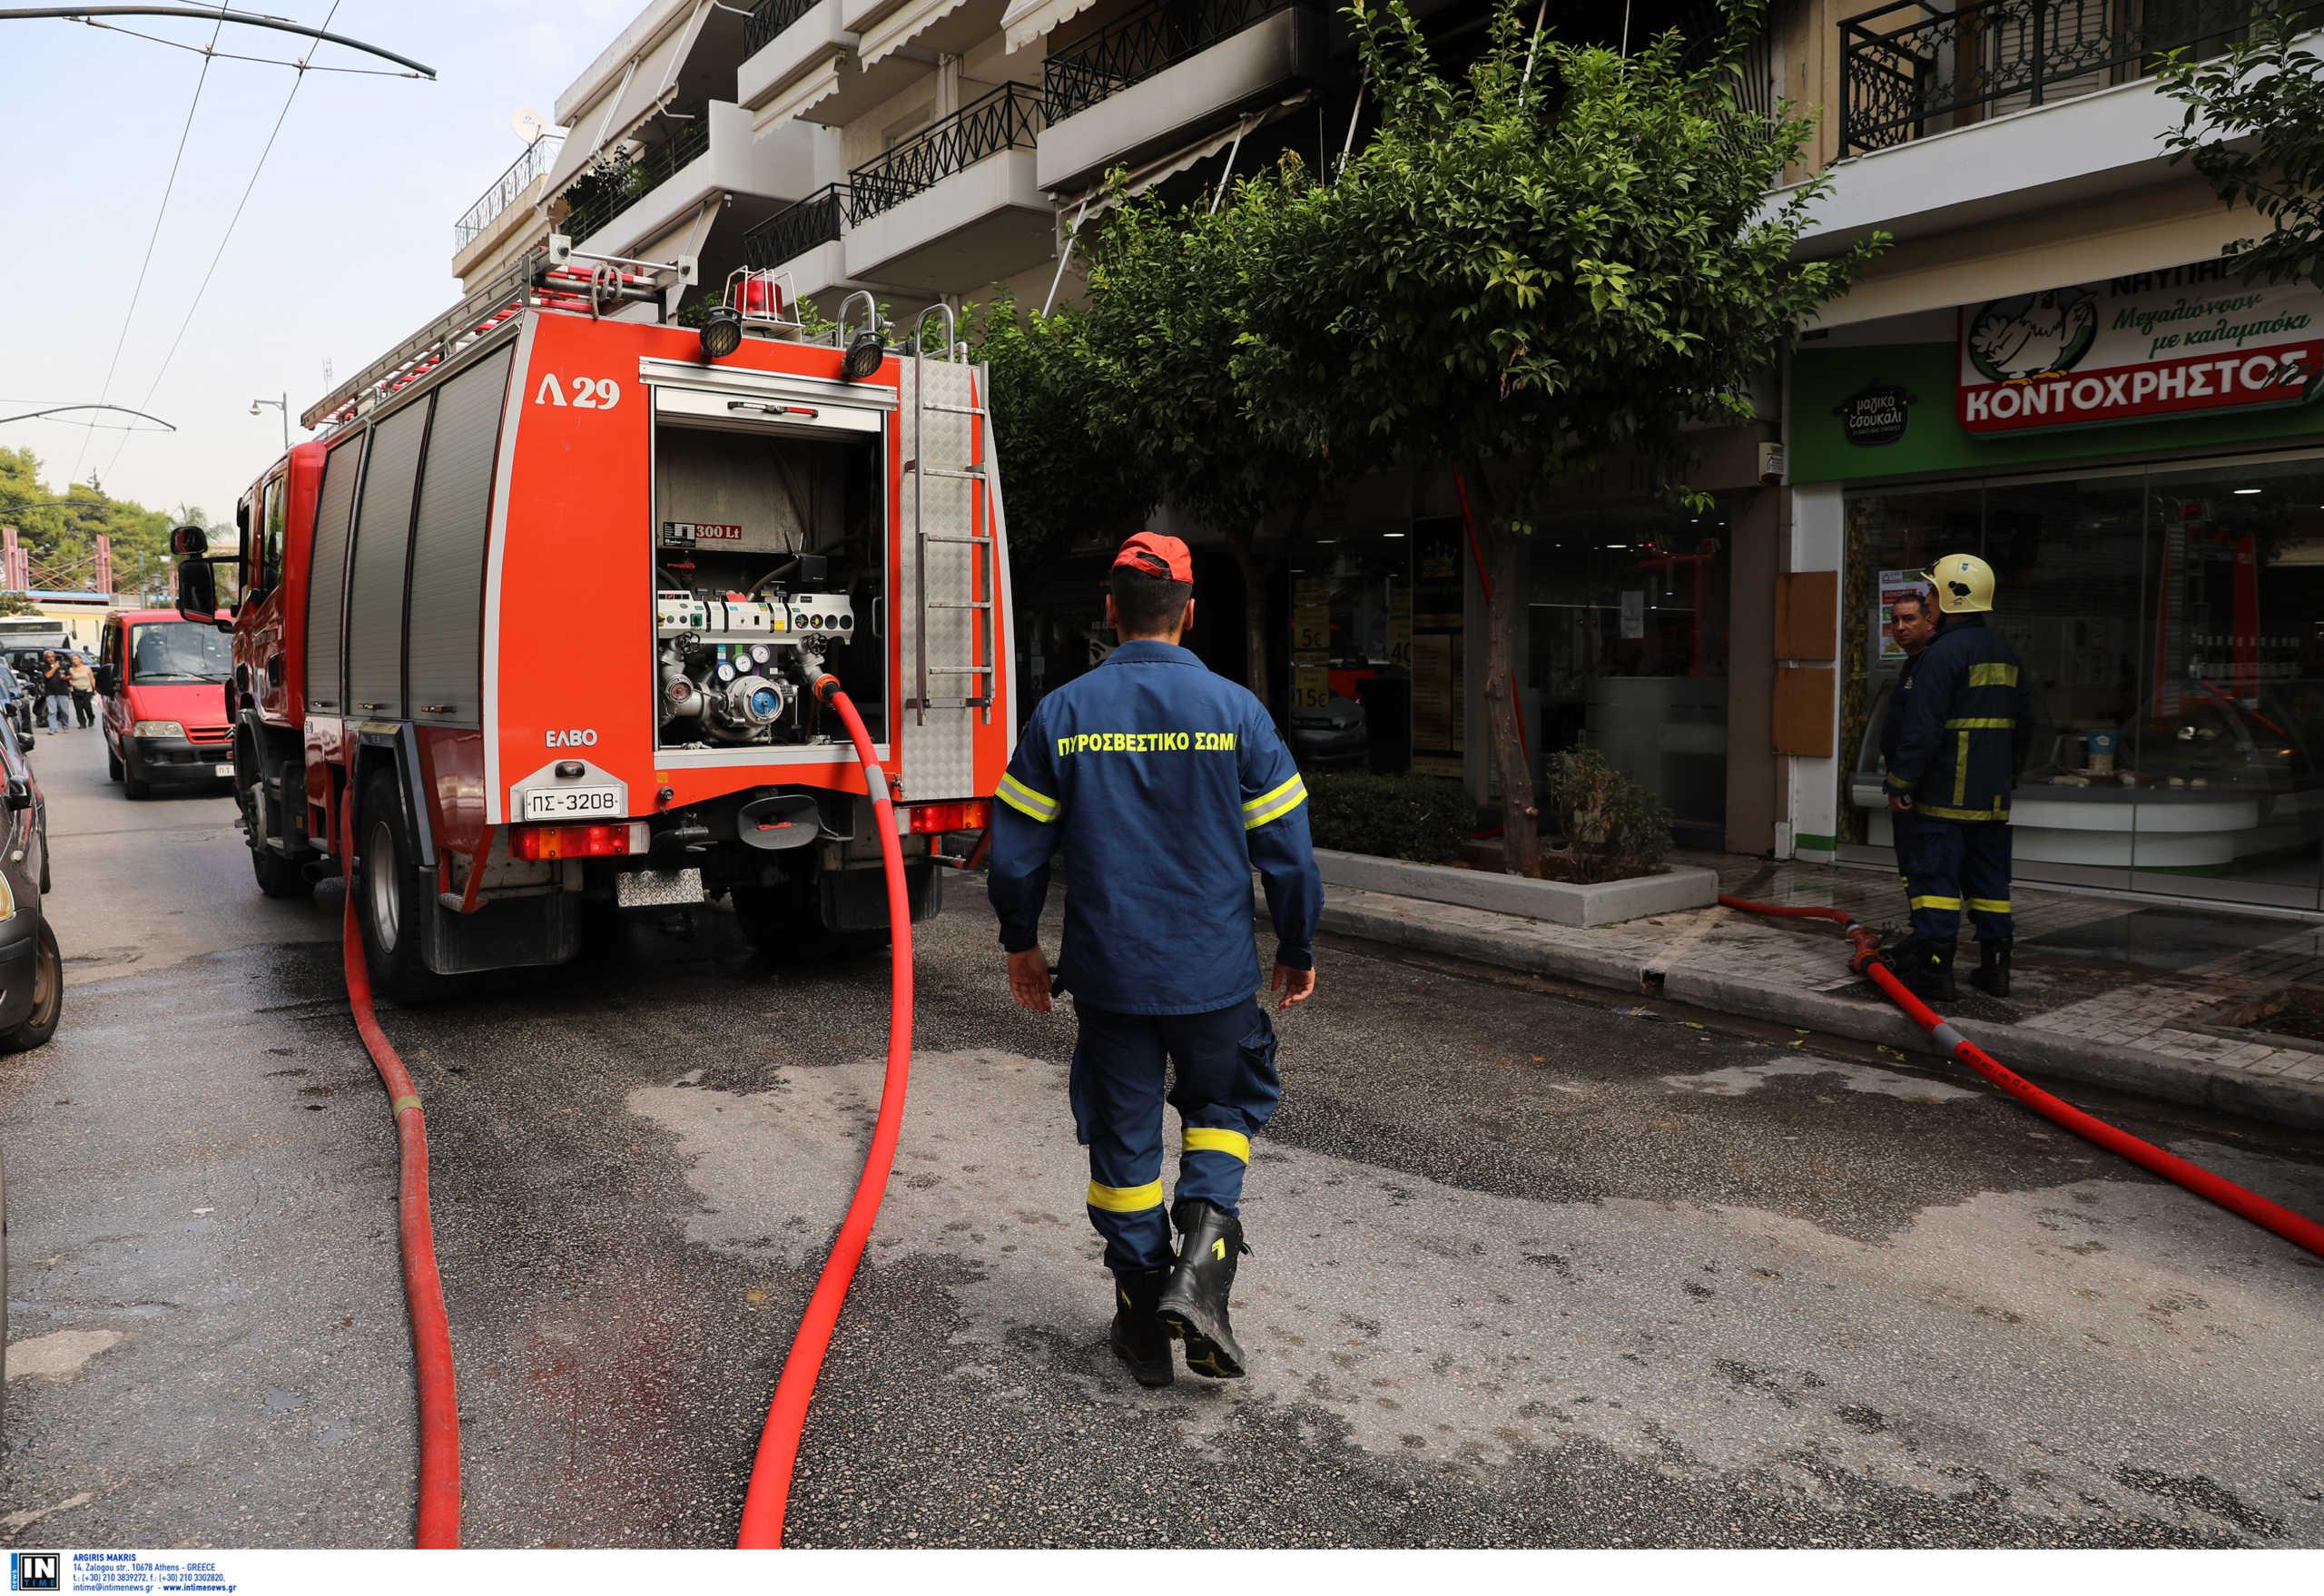 Θεσσαλονίκη: Φωτιά σε μπαλκόνι από μια μπαταρία αυτοκινήτου – Έντρομοι οι ένοικοι του σπιτιού